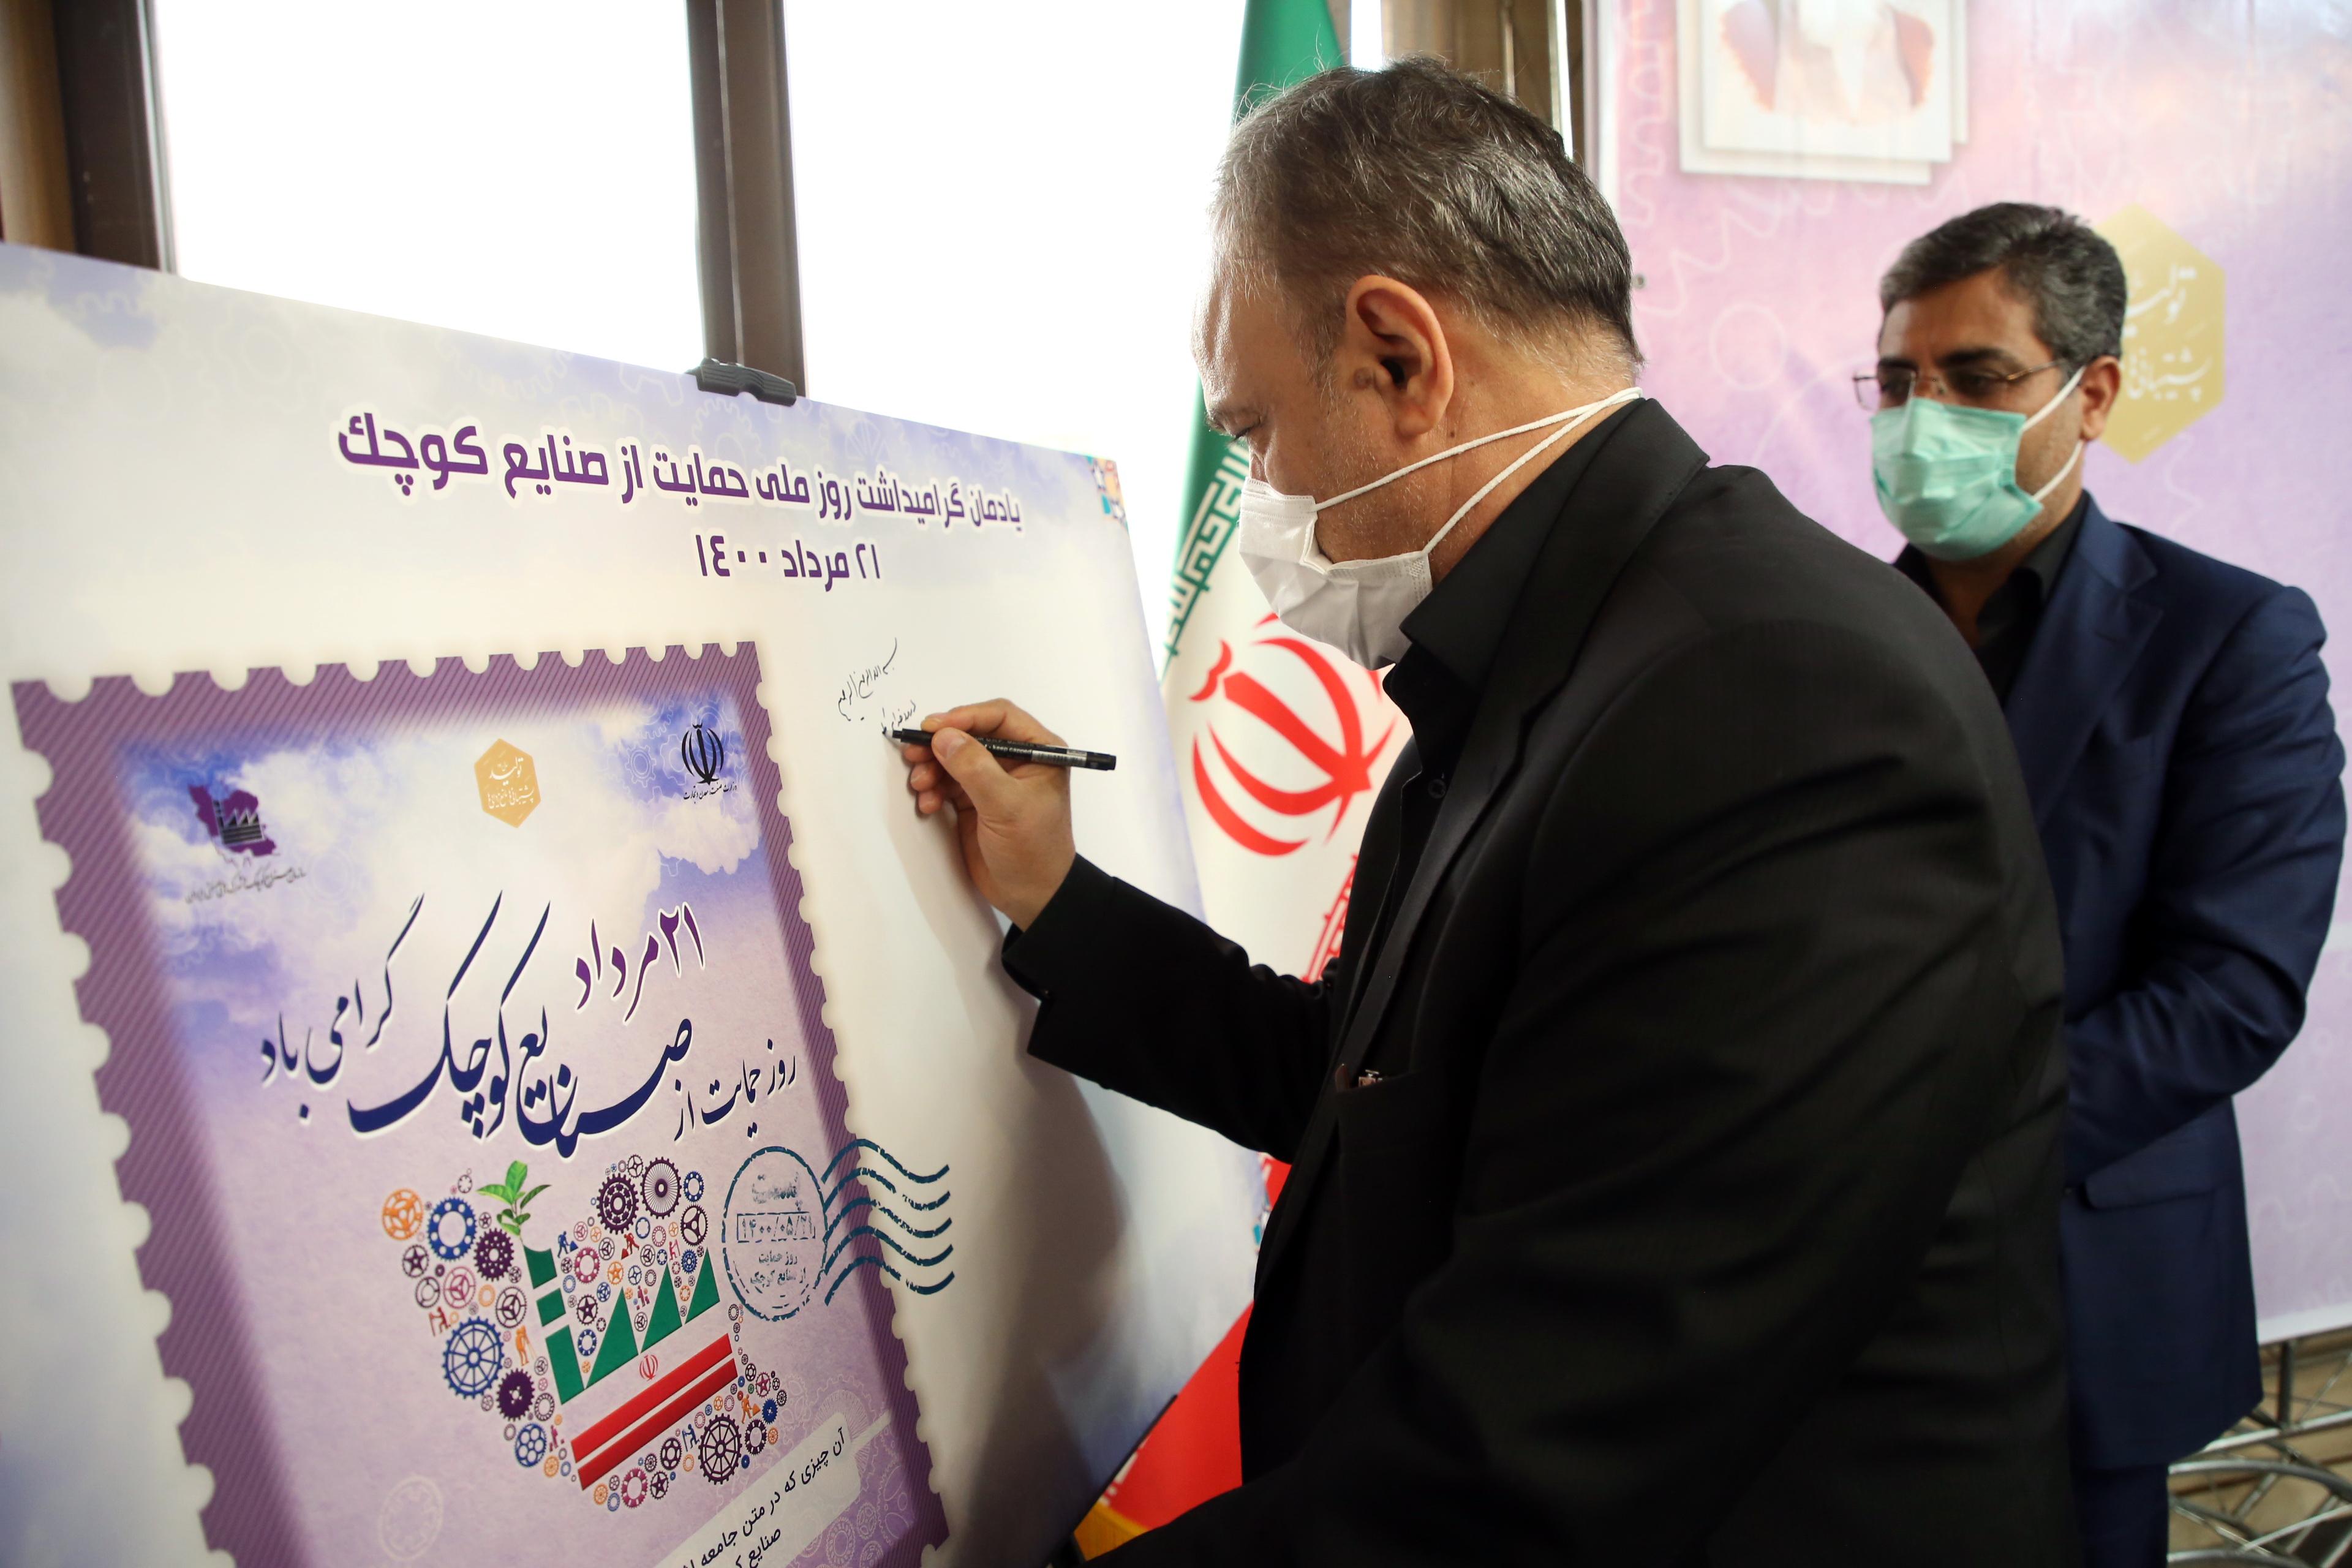 گرامیداشت روز حمایت از صنایع کوچک با حضور وزیر صمت 1400/5/24